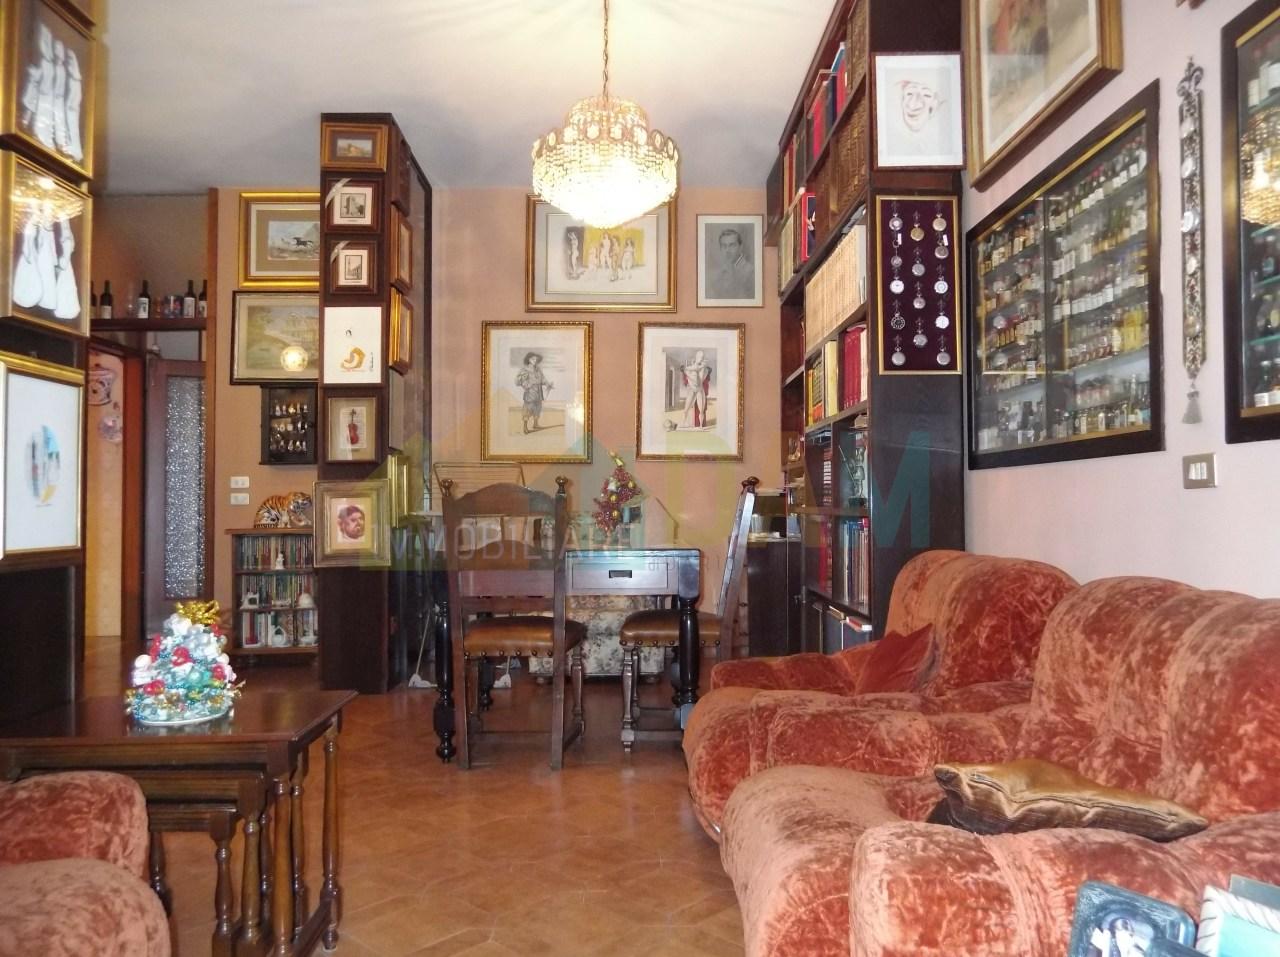 Appartamento in vendita a Vicenza, 11 locali, prezzo € 180.000 | PortaleAgenzieImmobiliari.it